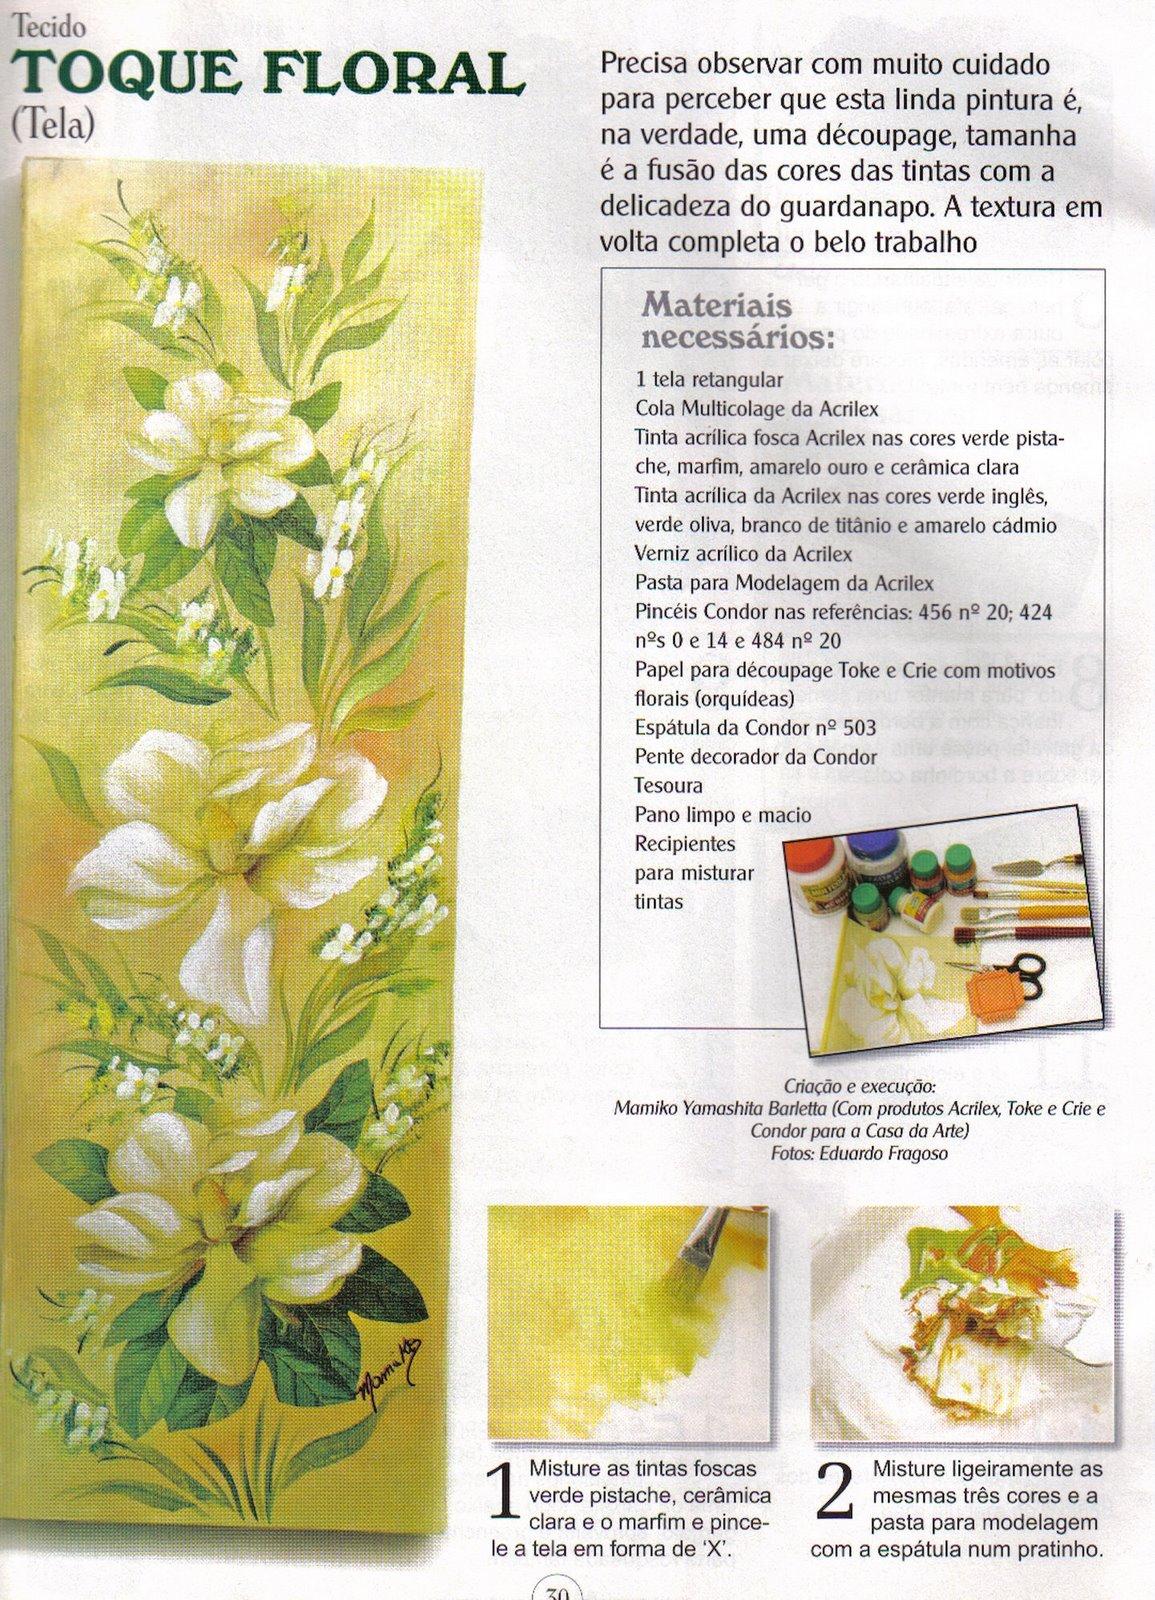 Riscos para pinturas e decoupage decoupage e pintura em - Pintura para decoupage ...